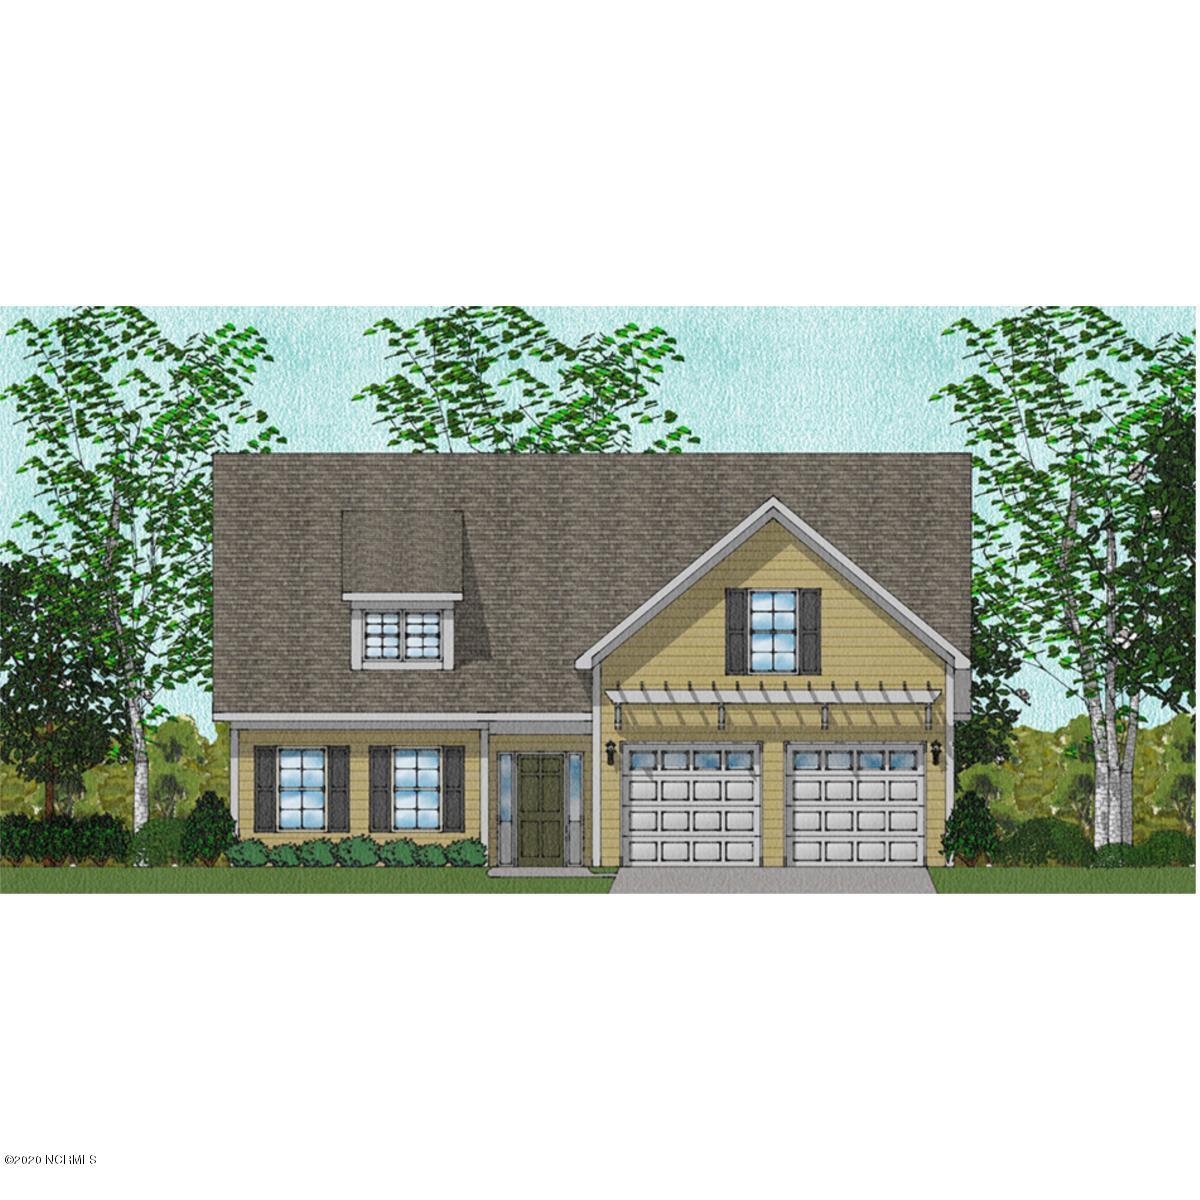 6024 Meadowgrove Loop, Wilmington, North Carolina 28409, 3 Bedrooms Bedrooms, ,3 BathroomsBathrooms,Residential,For Sale,Meadowgrove Loop,100232003